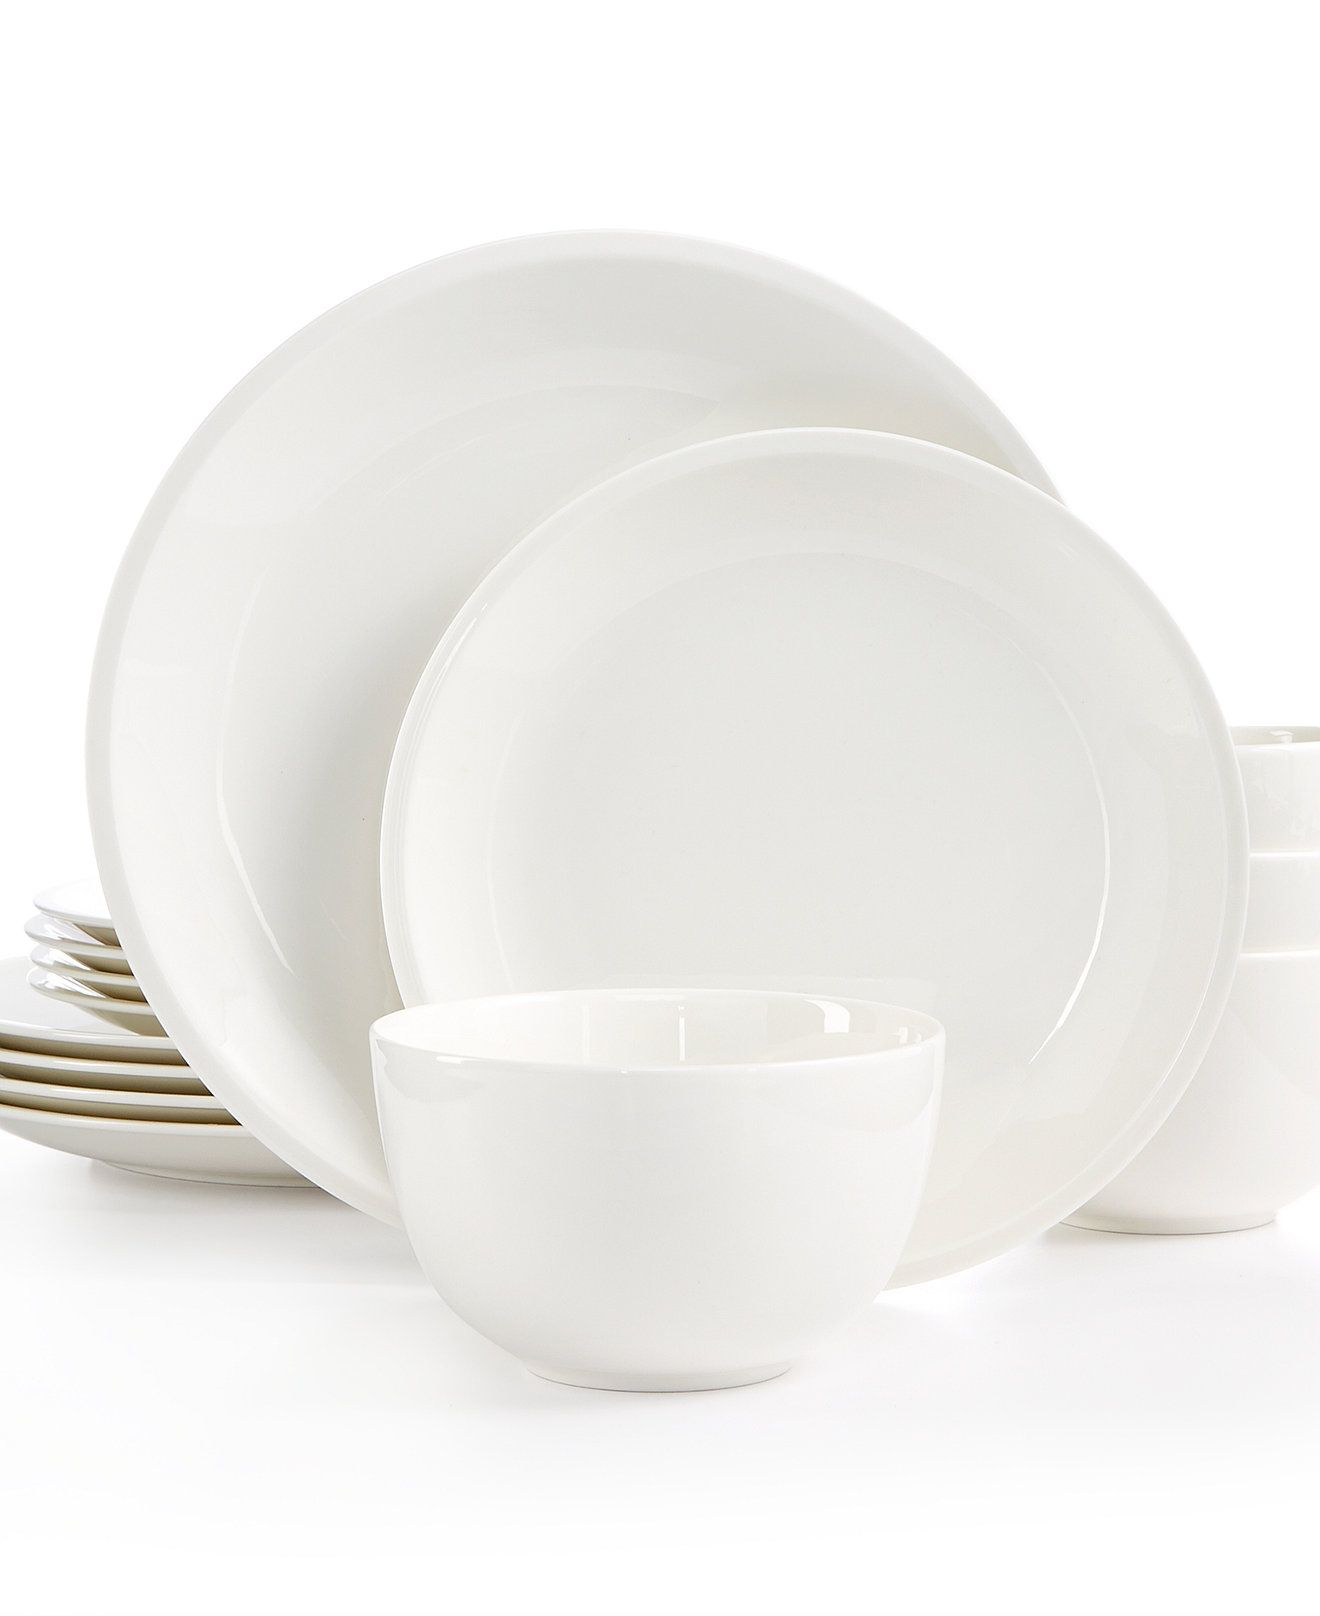 Martha Stewart Collection Mercer Dinnerware Collection  sc 1 st  Pinterest & Martha Stewart Collection Mercer Dinnerware Collection   Dinnerware ...